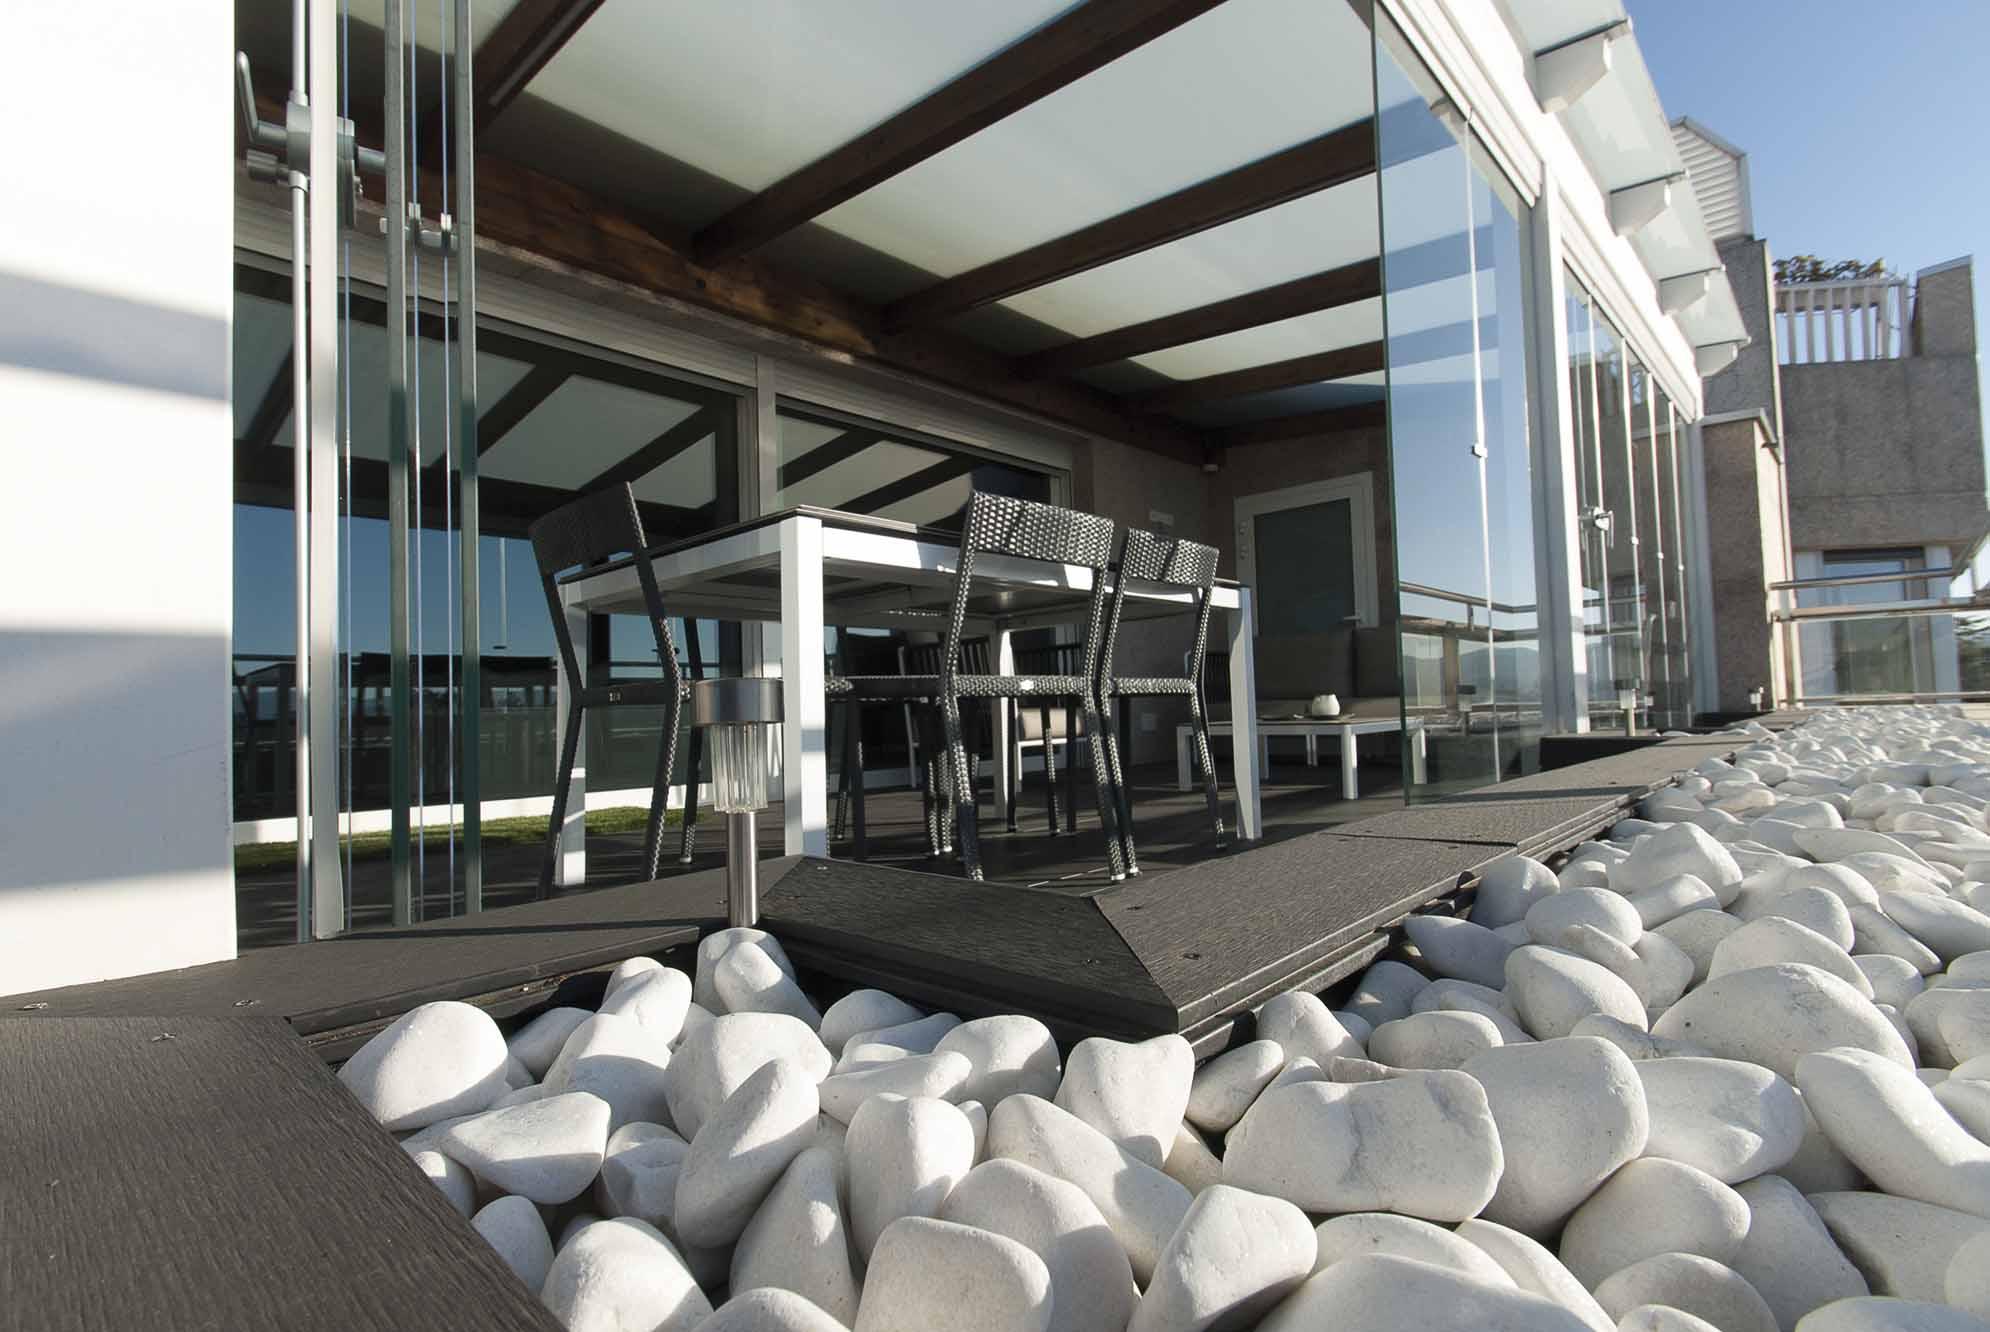 Un jard n con porche acristalado en la terraza de un tico - Estanque terraza piso ...